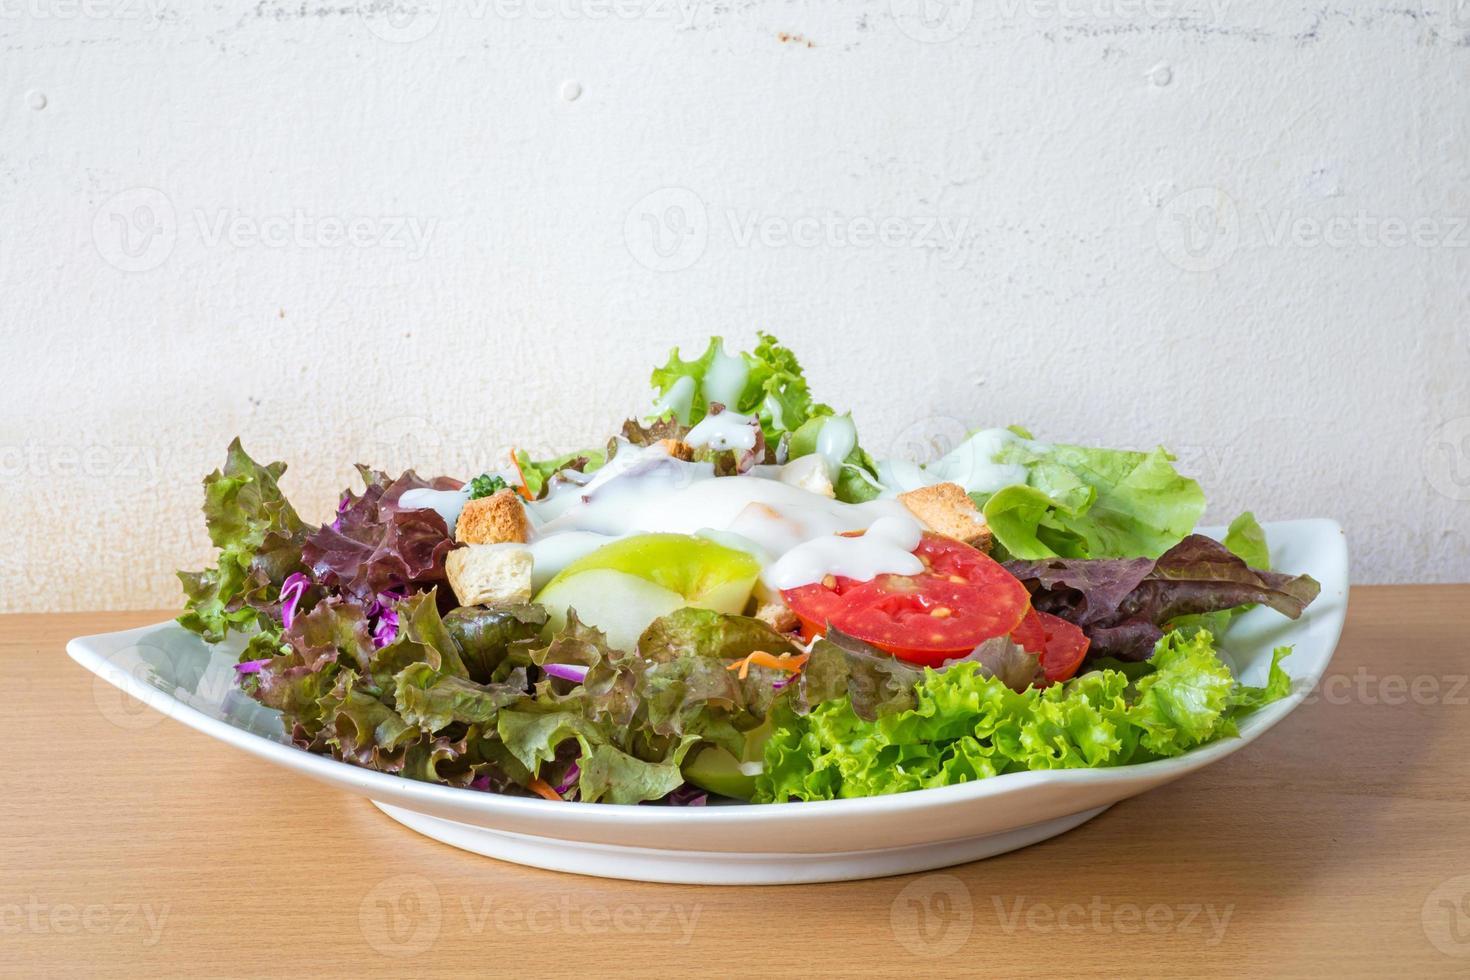 insalata di verdure miste fresche, condimento per insalata. foto